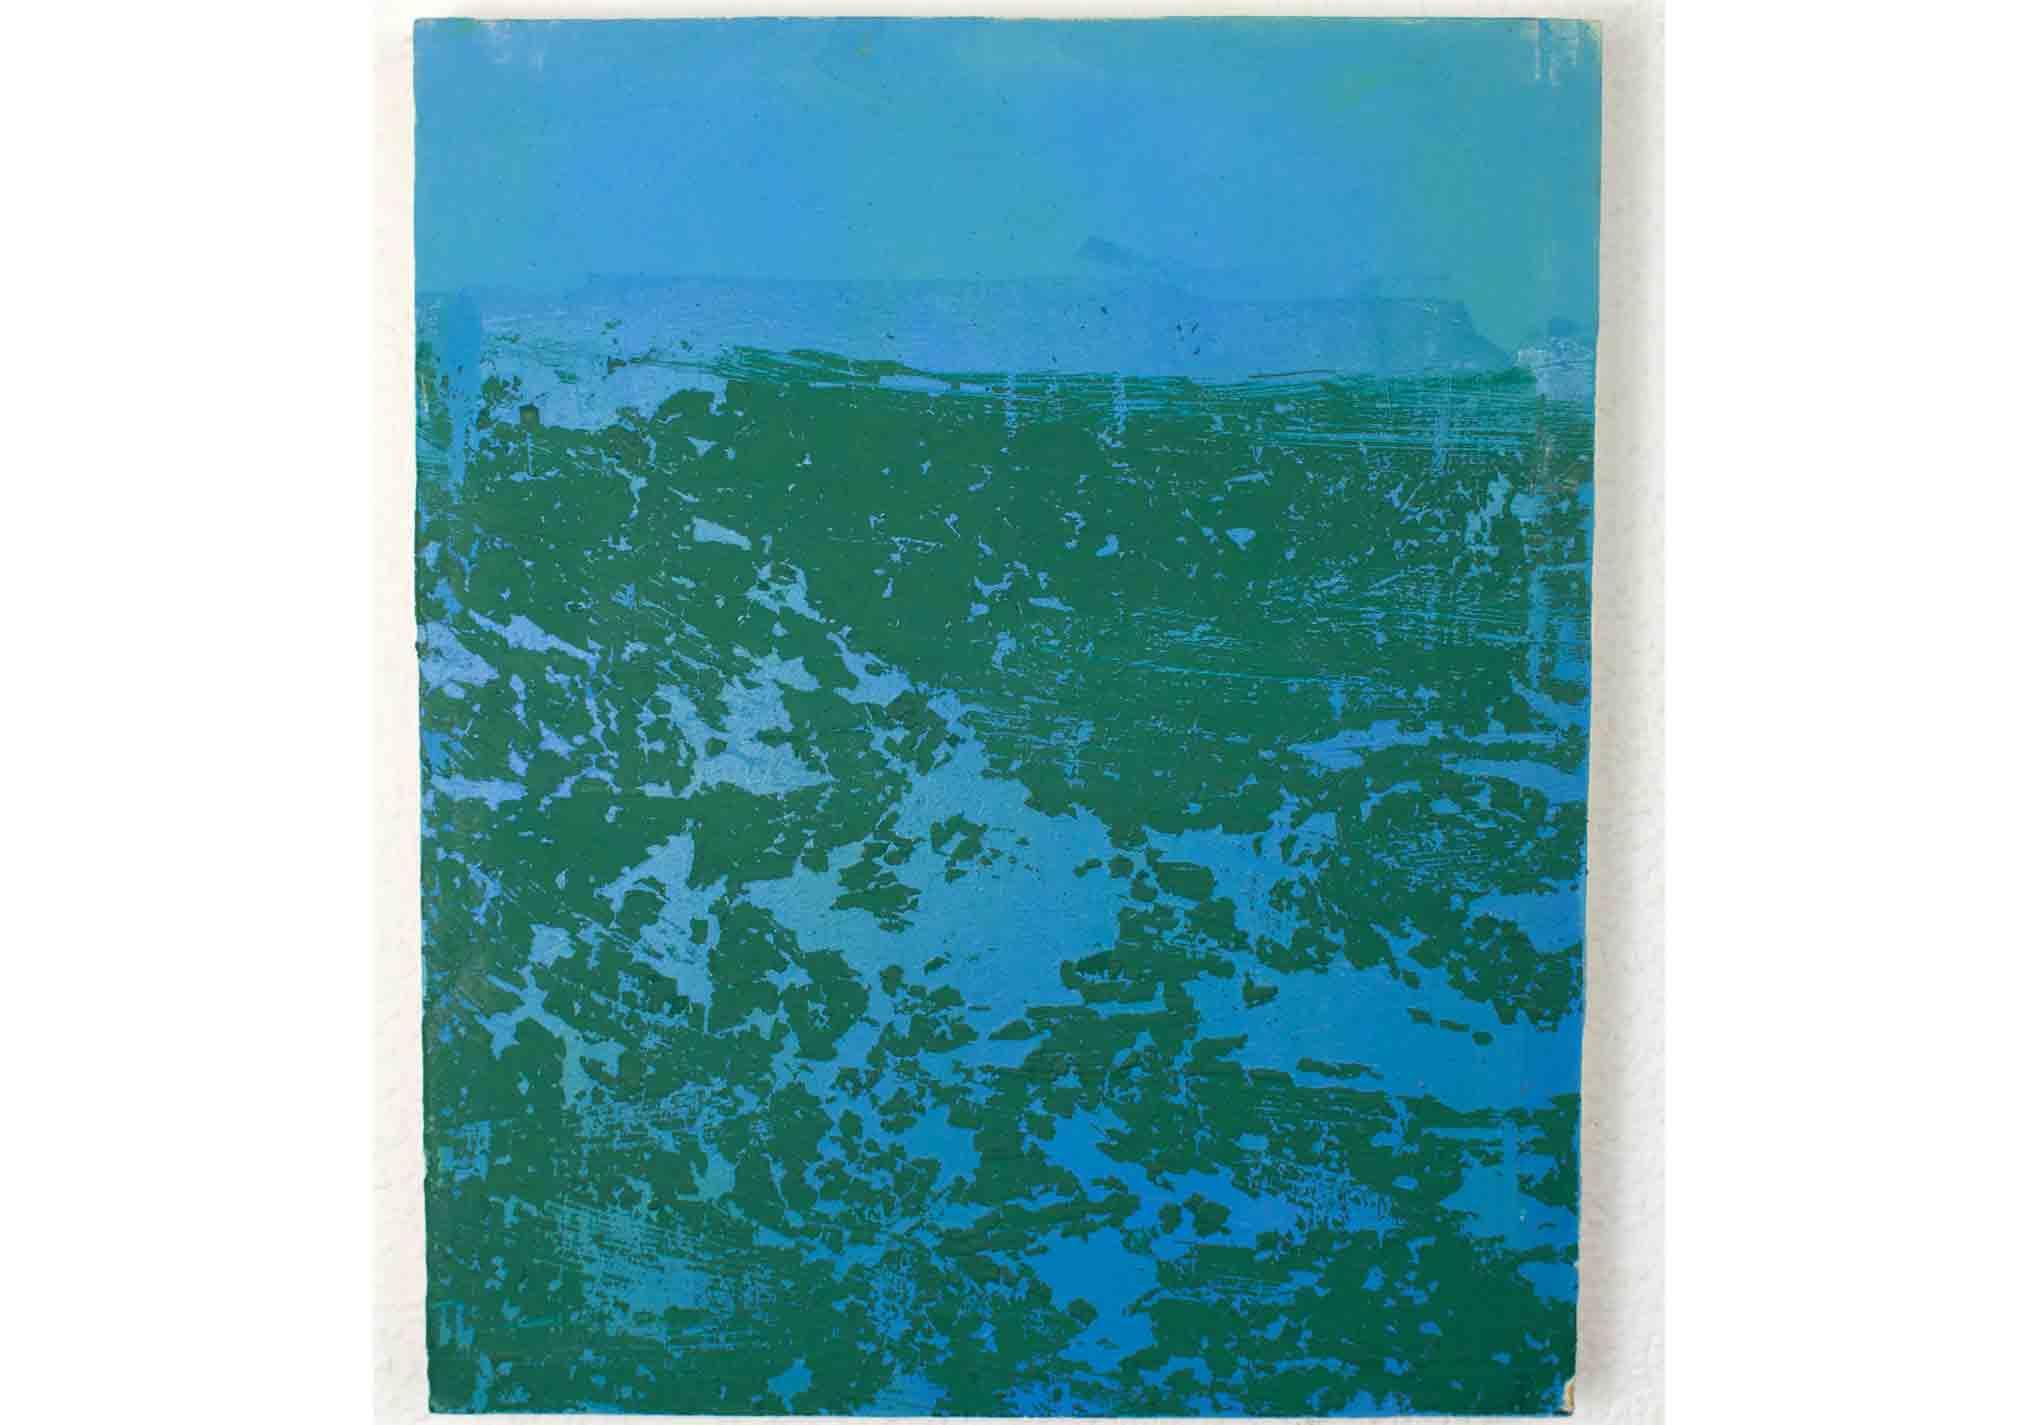 MT-Galerie-Zygmunt-Blazejewski-2R-(blau)_17-005